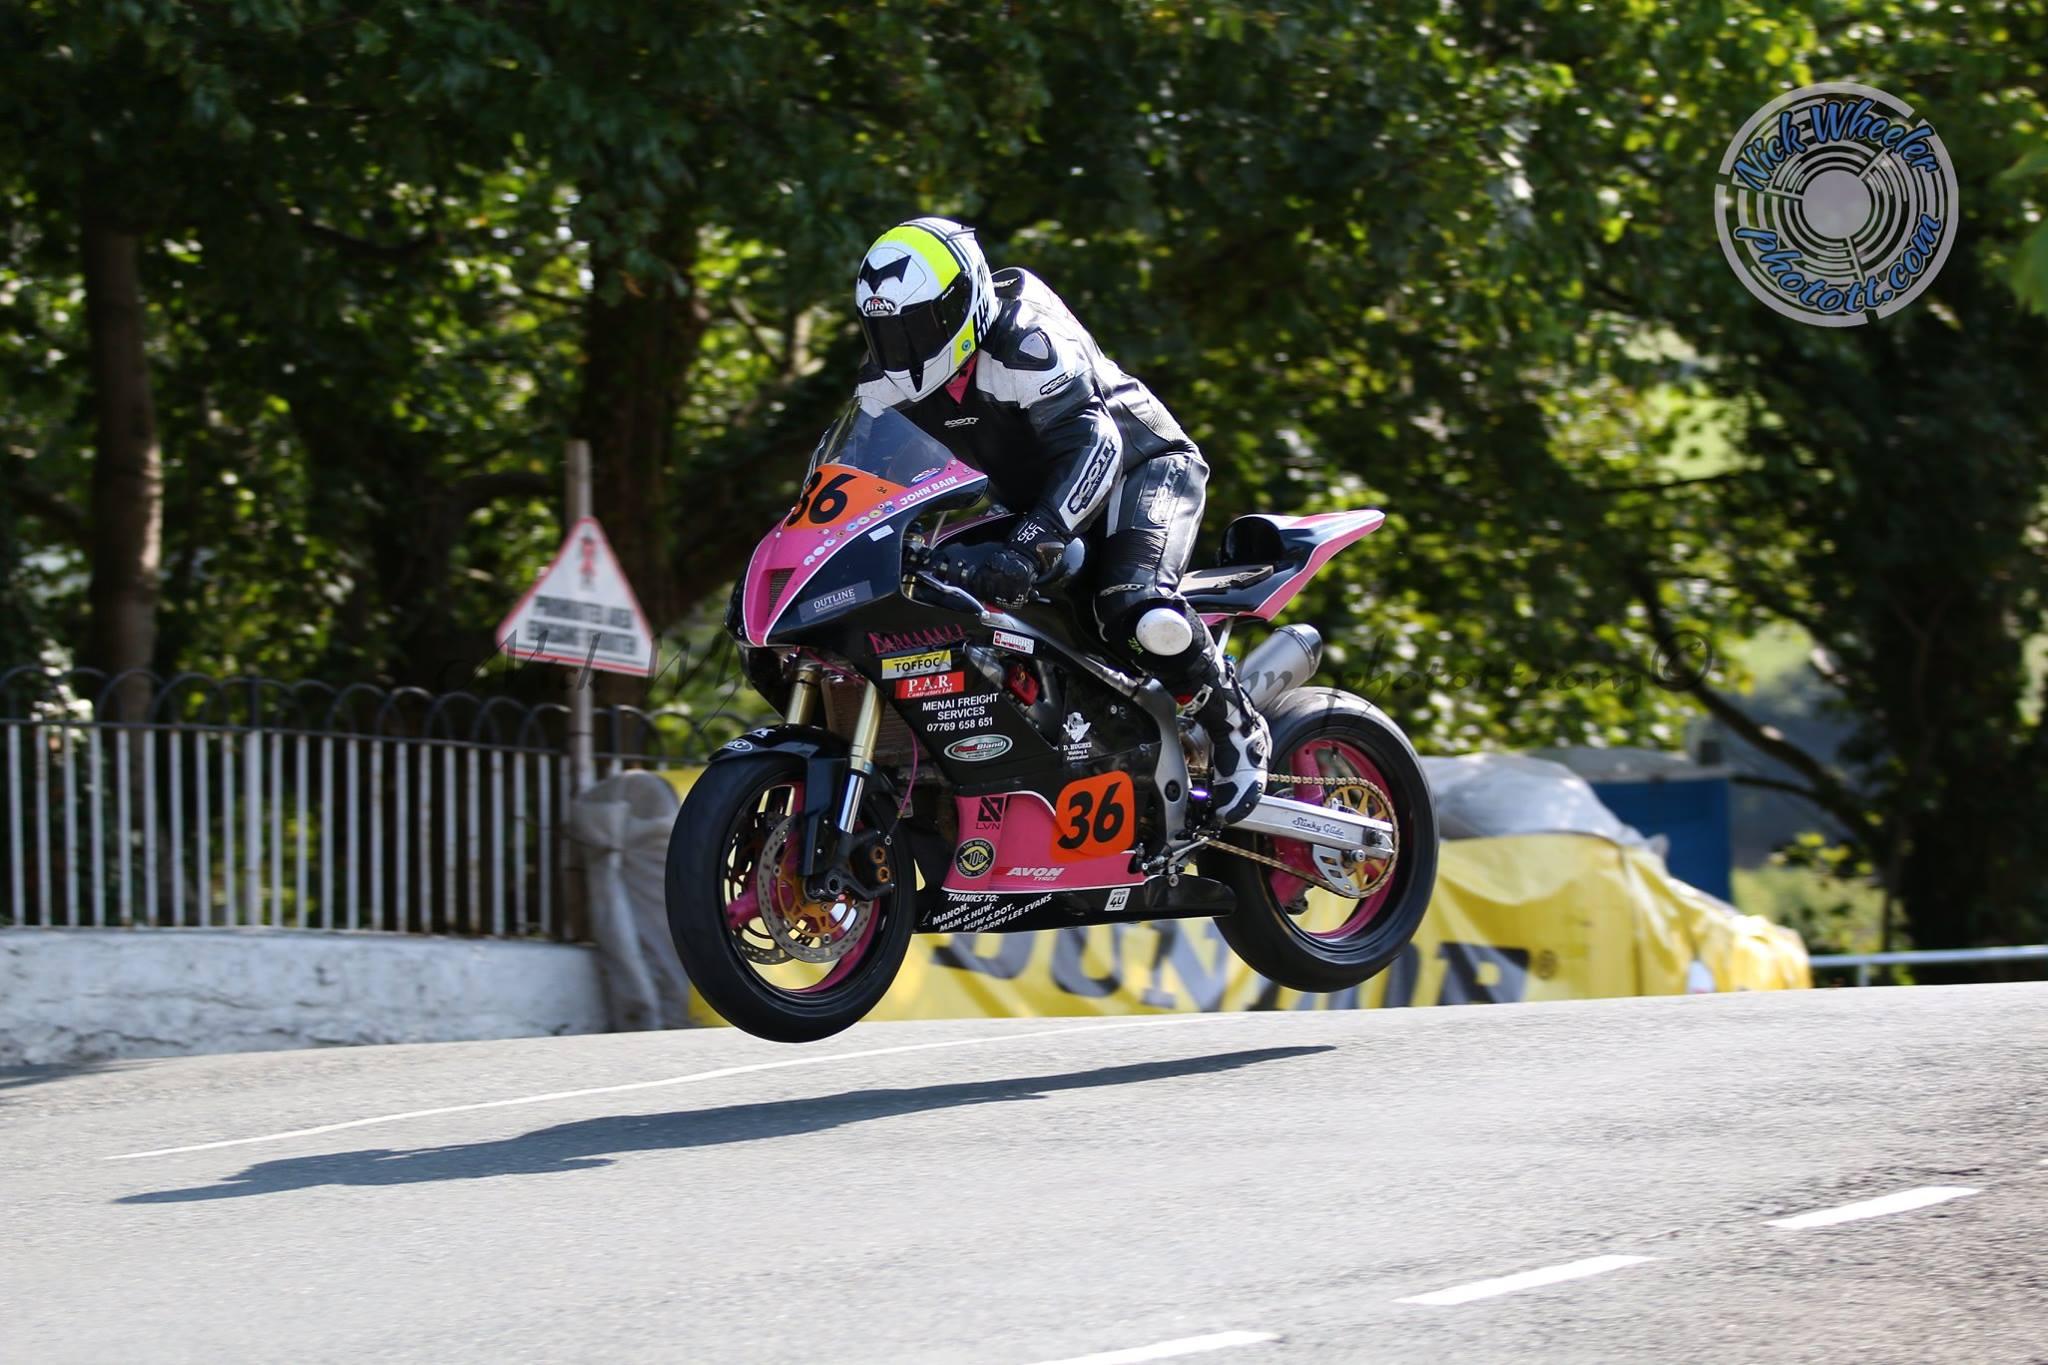 Manx GP Top 6: John Bain